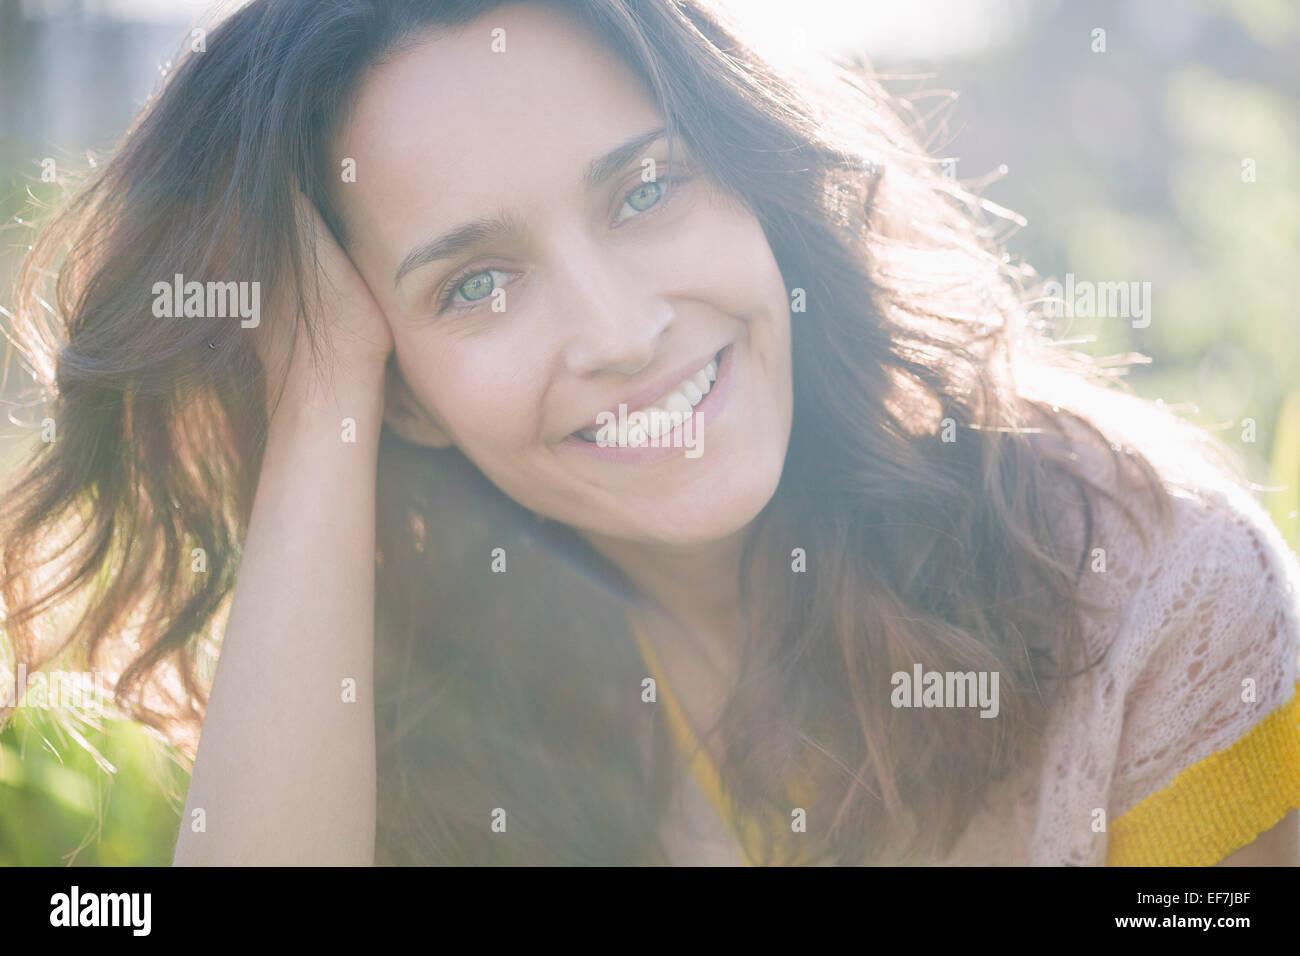 Ritratto di una bella donna sorridente Immagini Stock